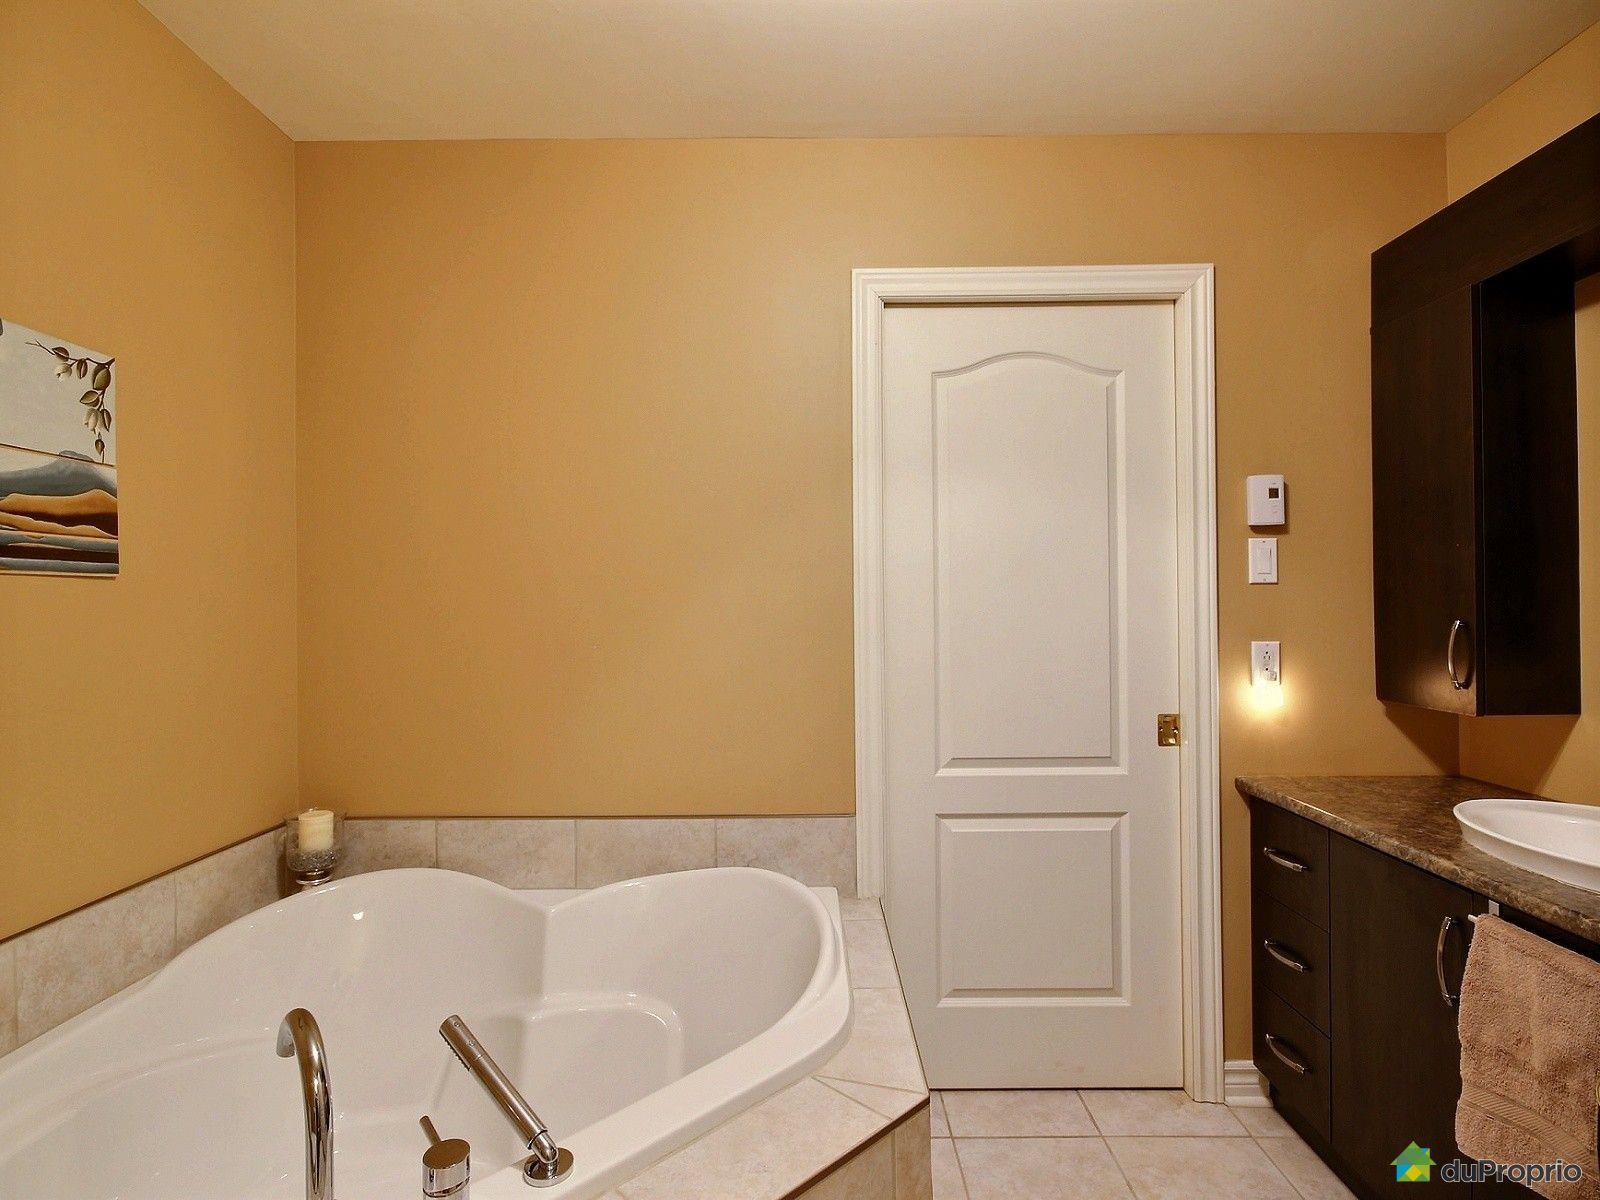 Condo vendu st j r me immobilier qu bec duproprio 671689 for Accessoire salle de bain st jerome